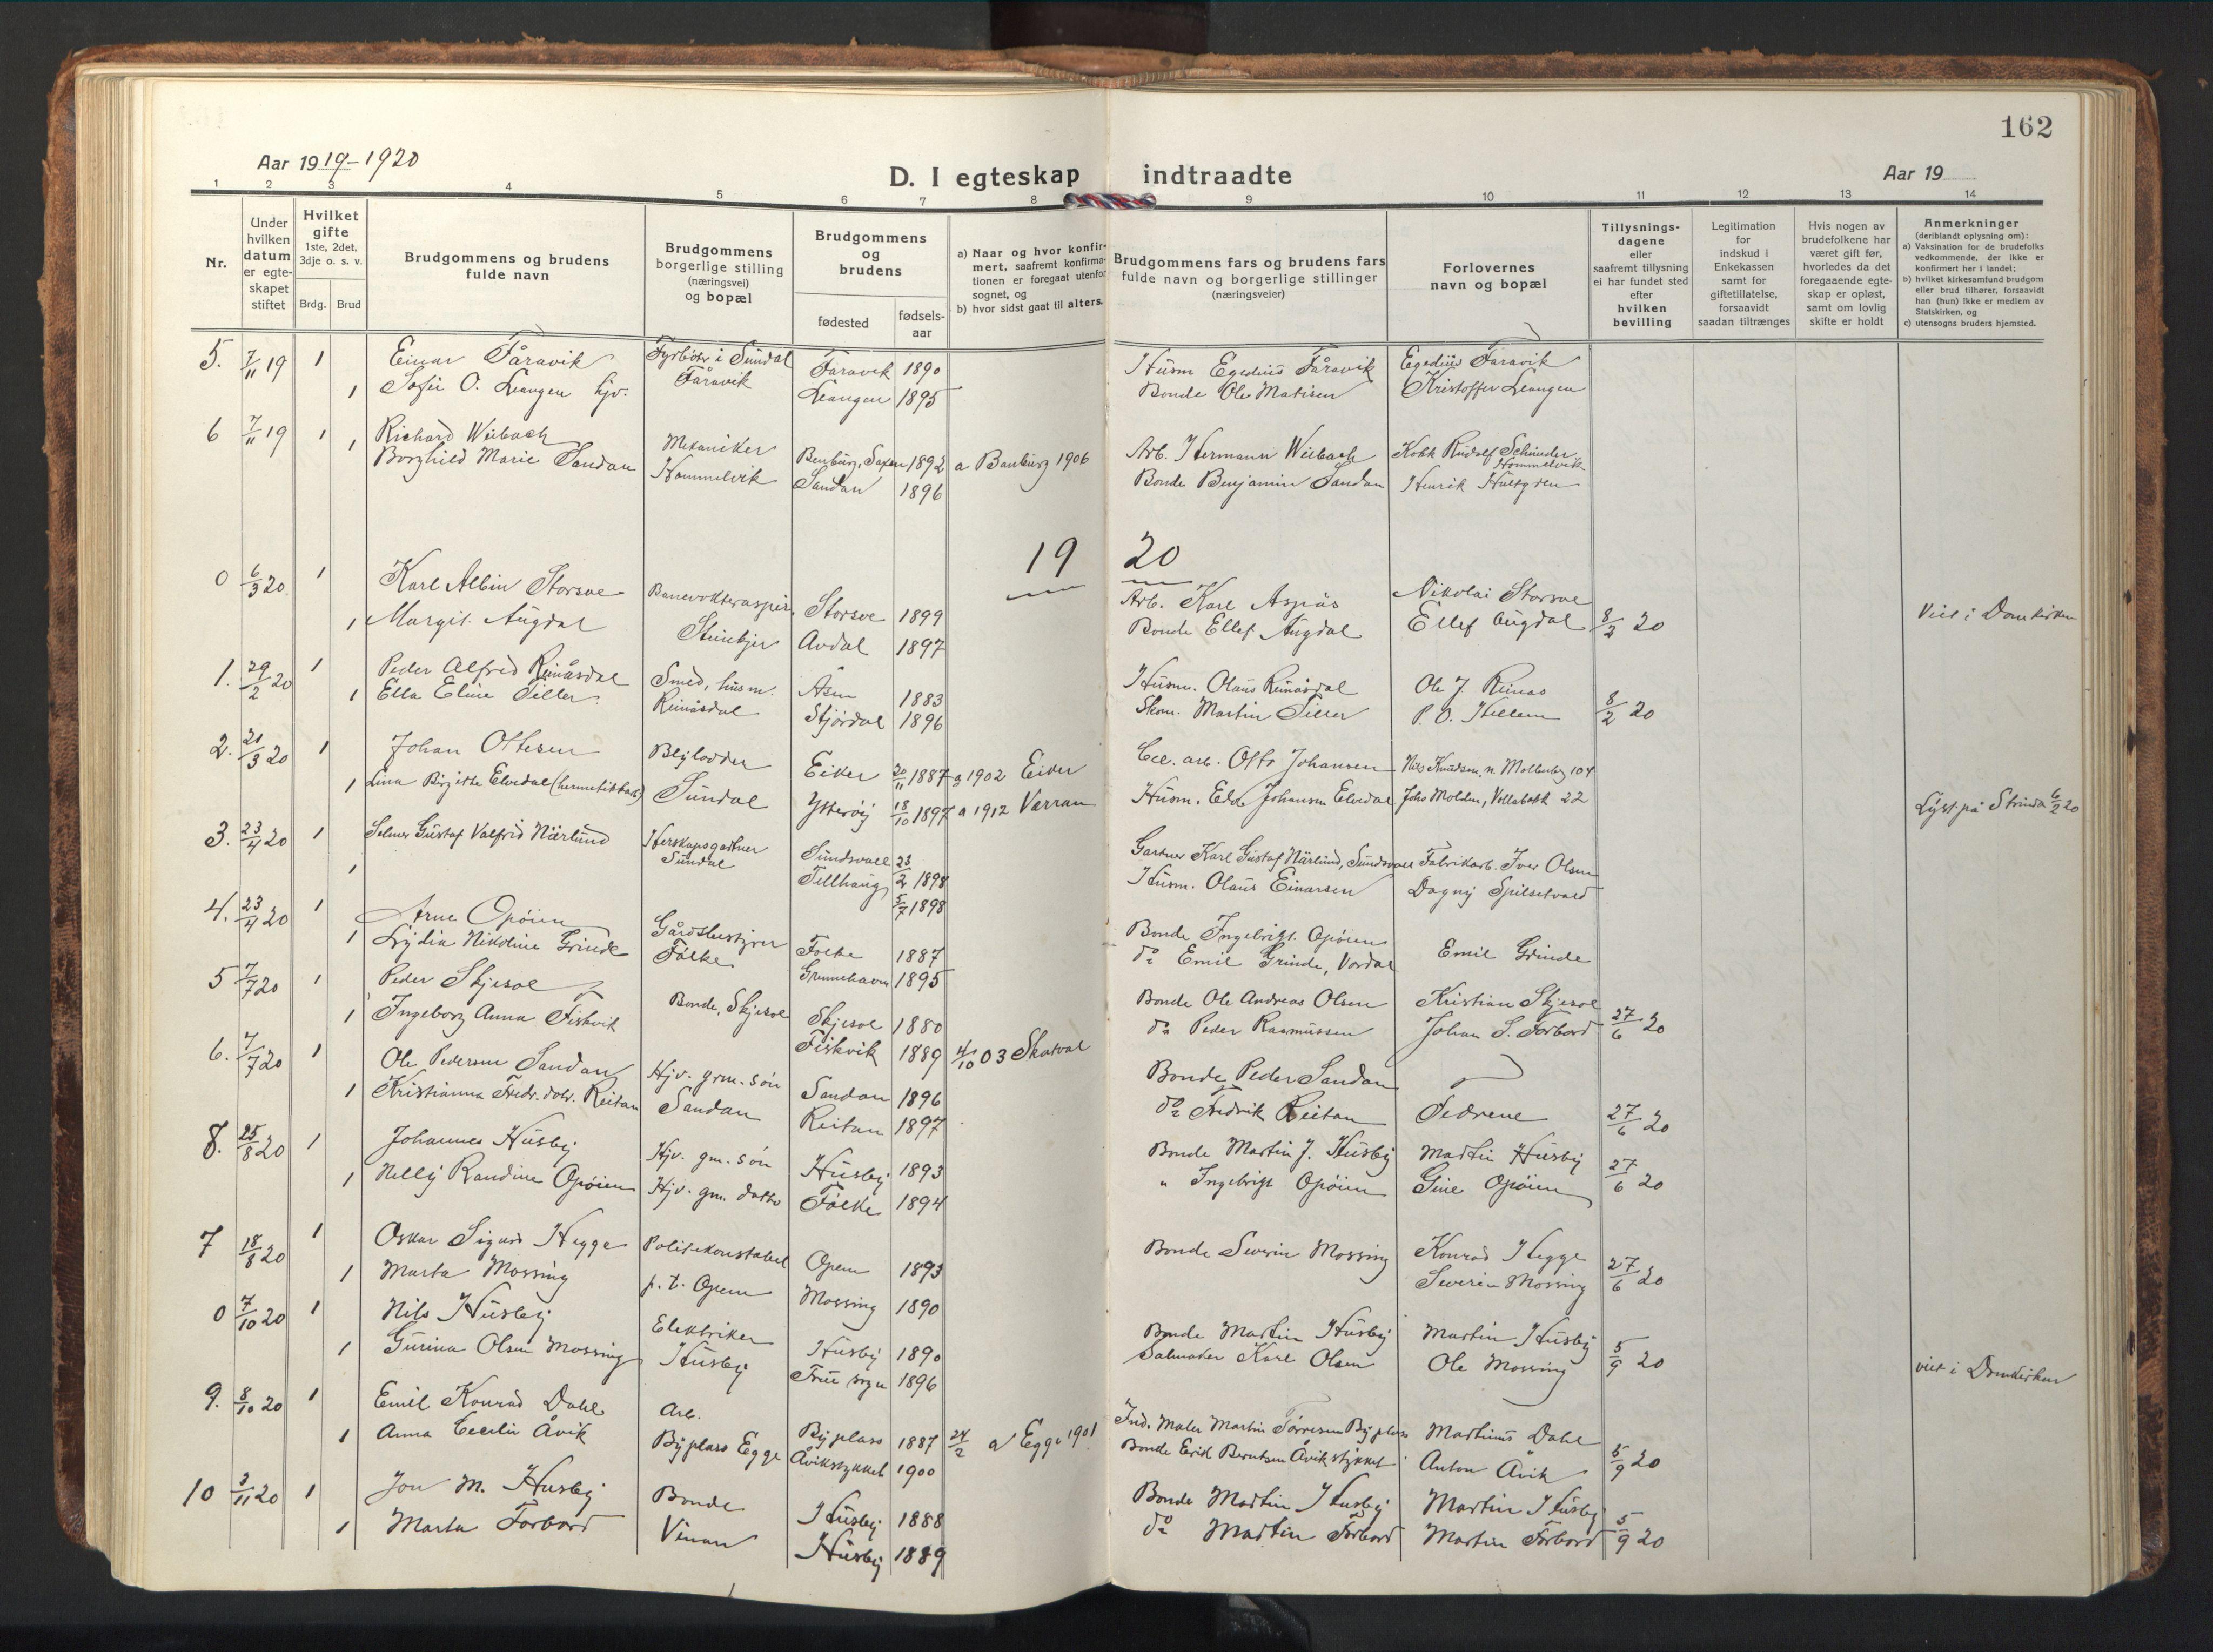 SAT, Ministerialprotokoller, klokkerbøker og fødselsregistre - Nord-Trøndelag, 714/L0136: Klokkerbok nr. 714C05, 1918-1957, s. 162